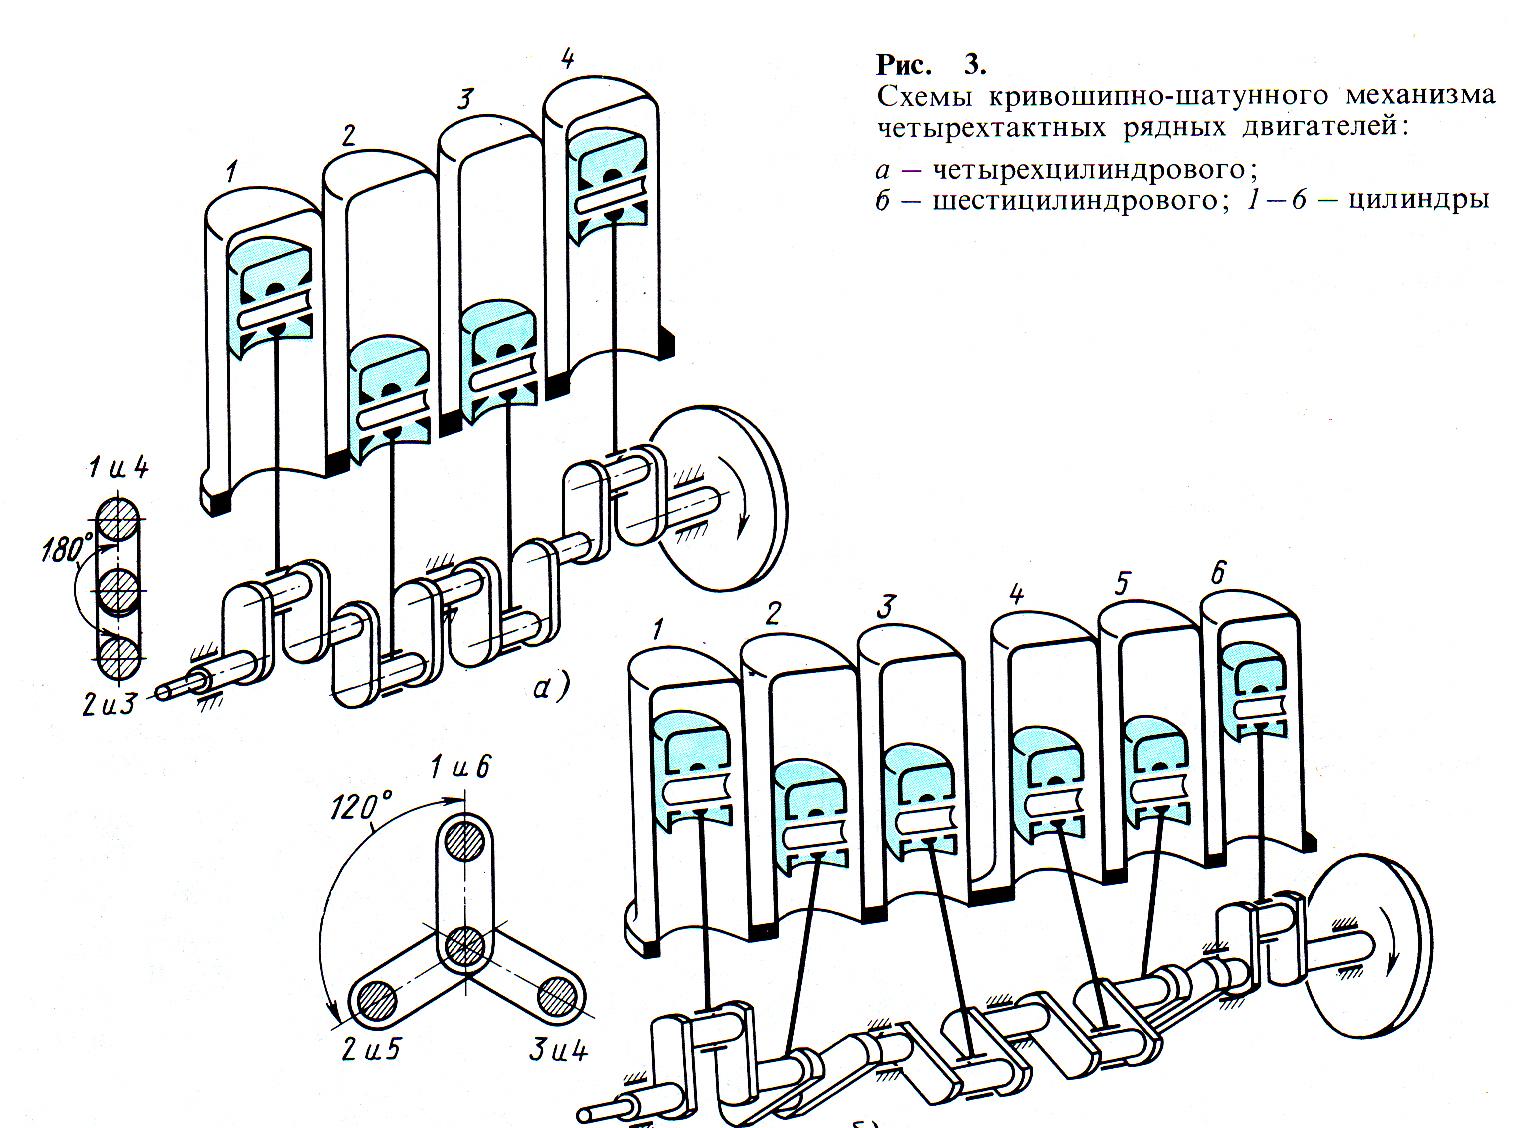 Схемы системы охлаждения рядных двигателей